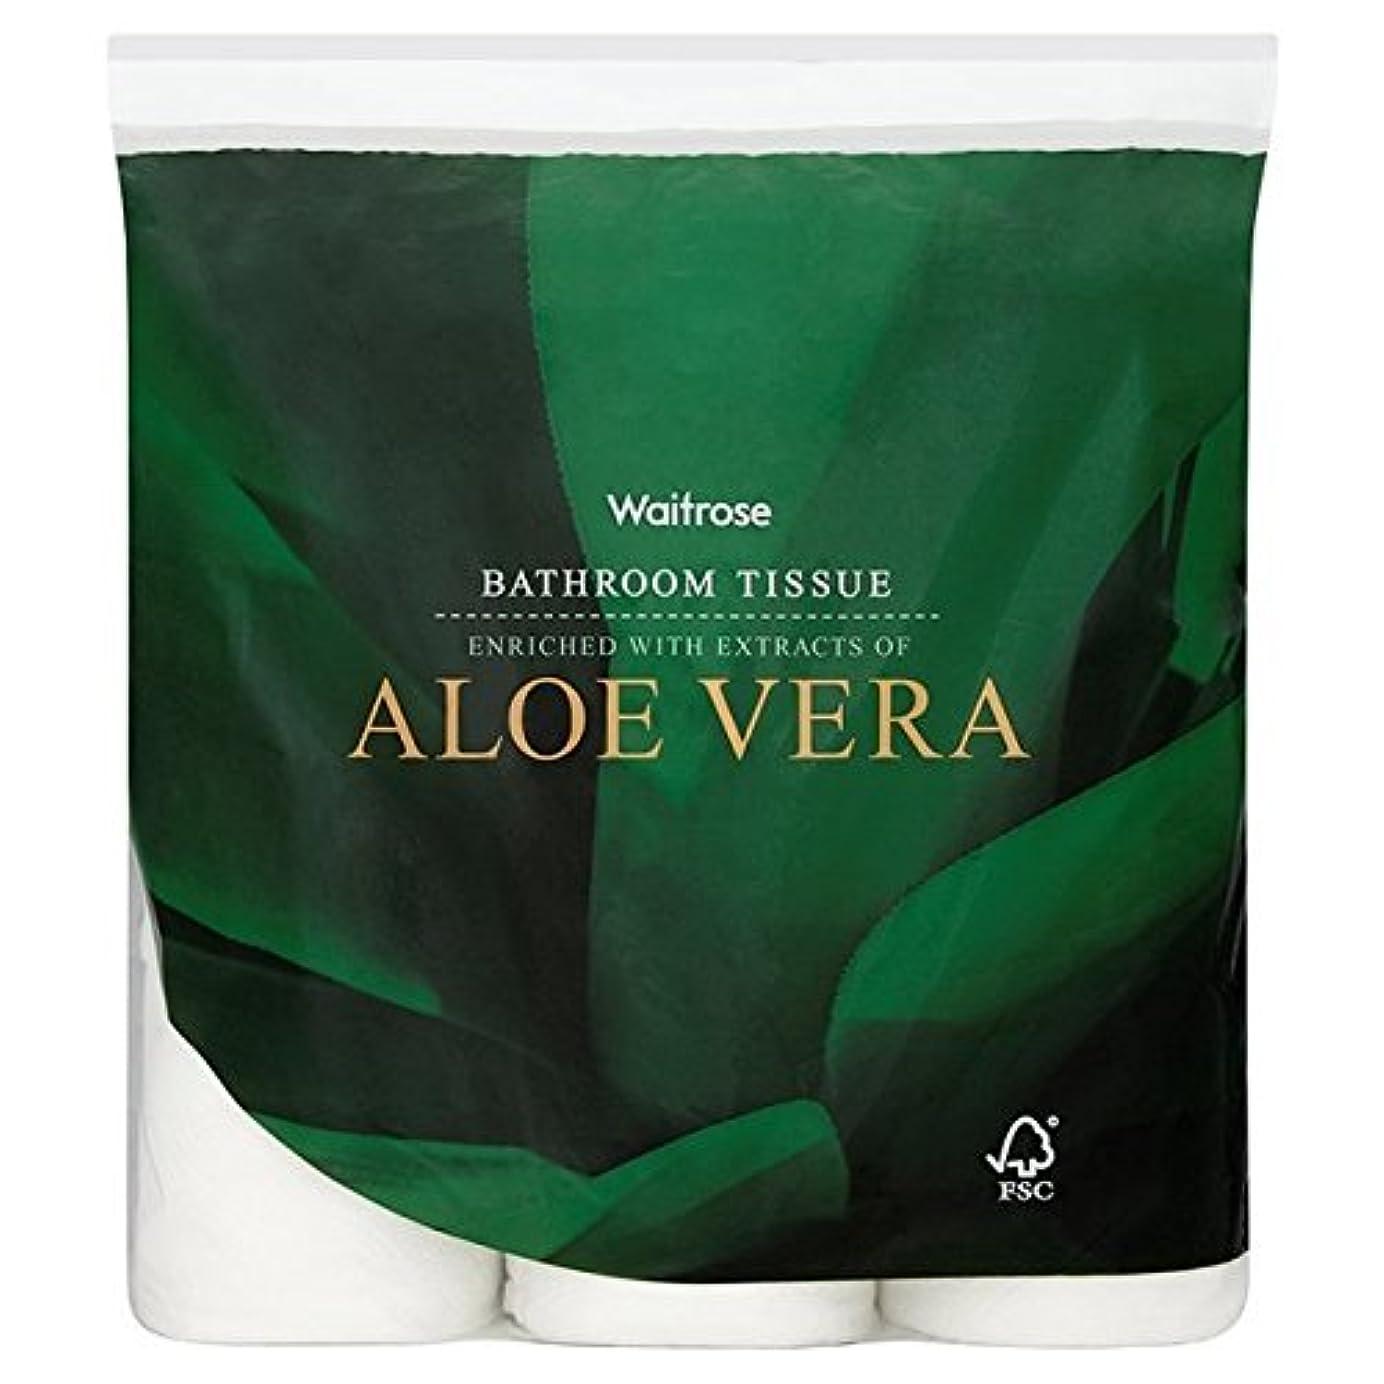 ウォーターフロント不正直ハウジングAloe Vera Bathroom Tissue White Waitrose 9 per pack (Pack of 6) - パックあたりアロエベラ浴室組織白ウェイトローズ9 x6 [並行輸入品]